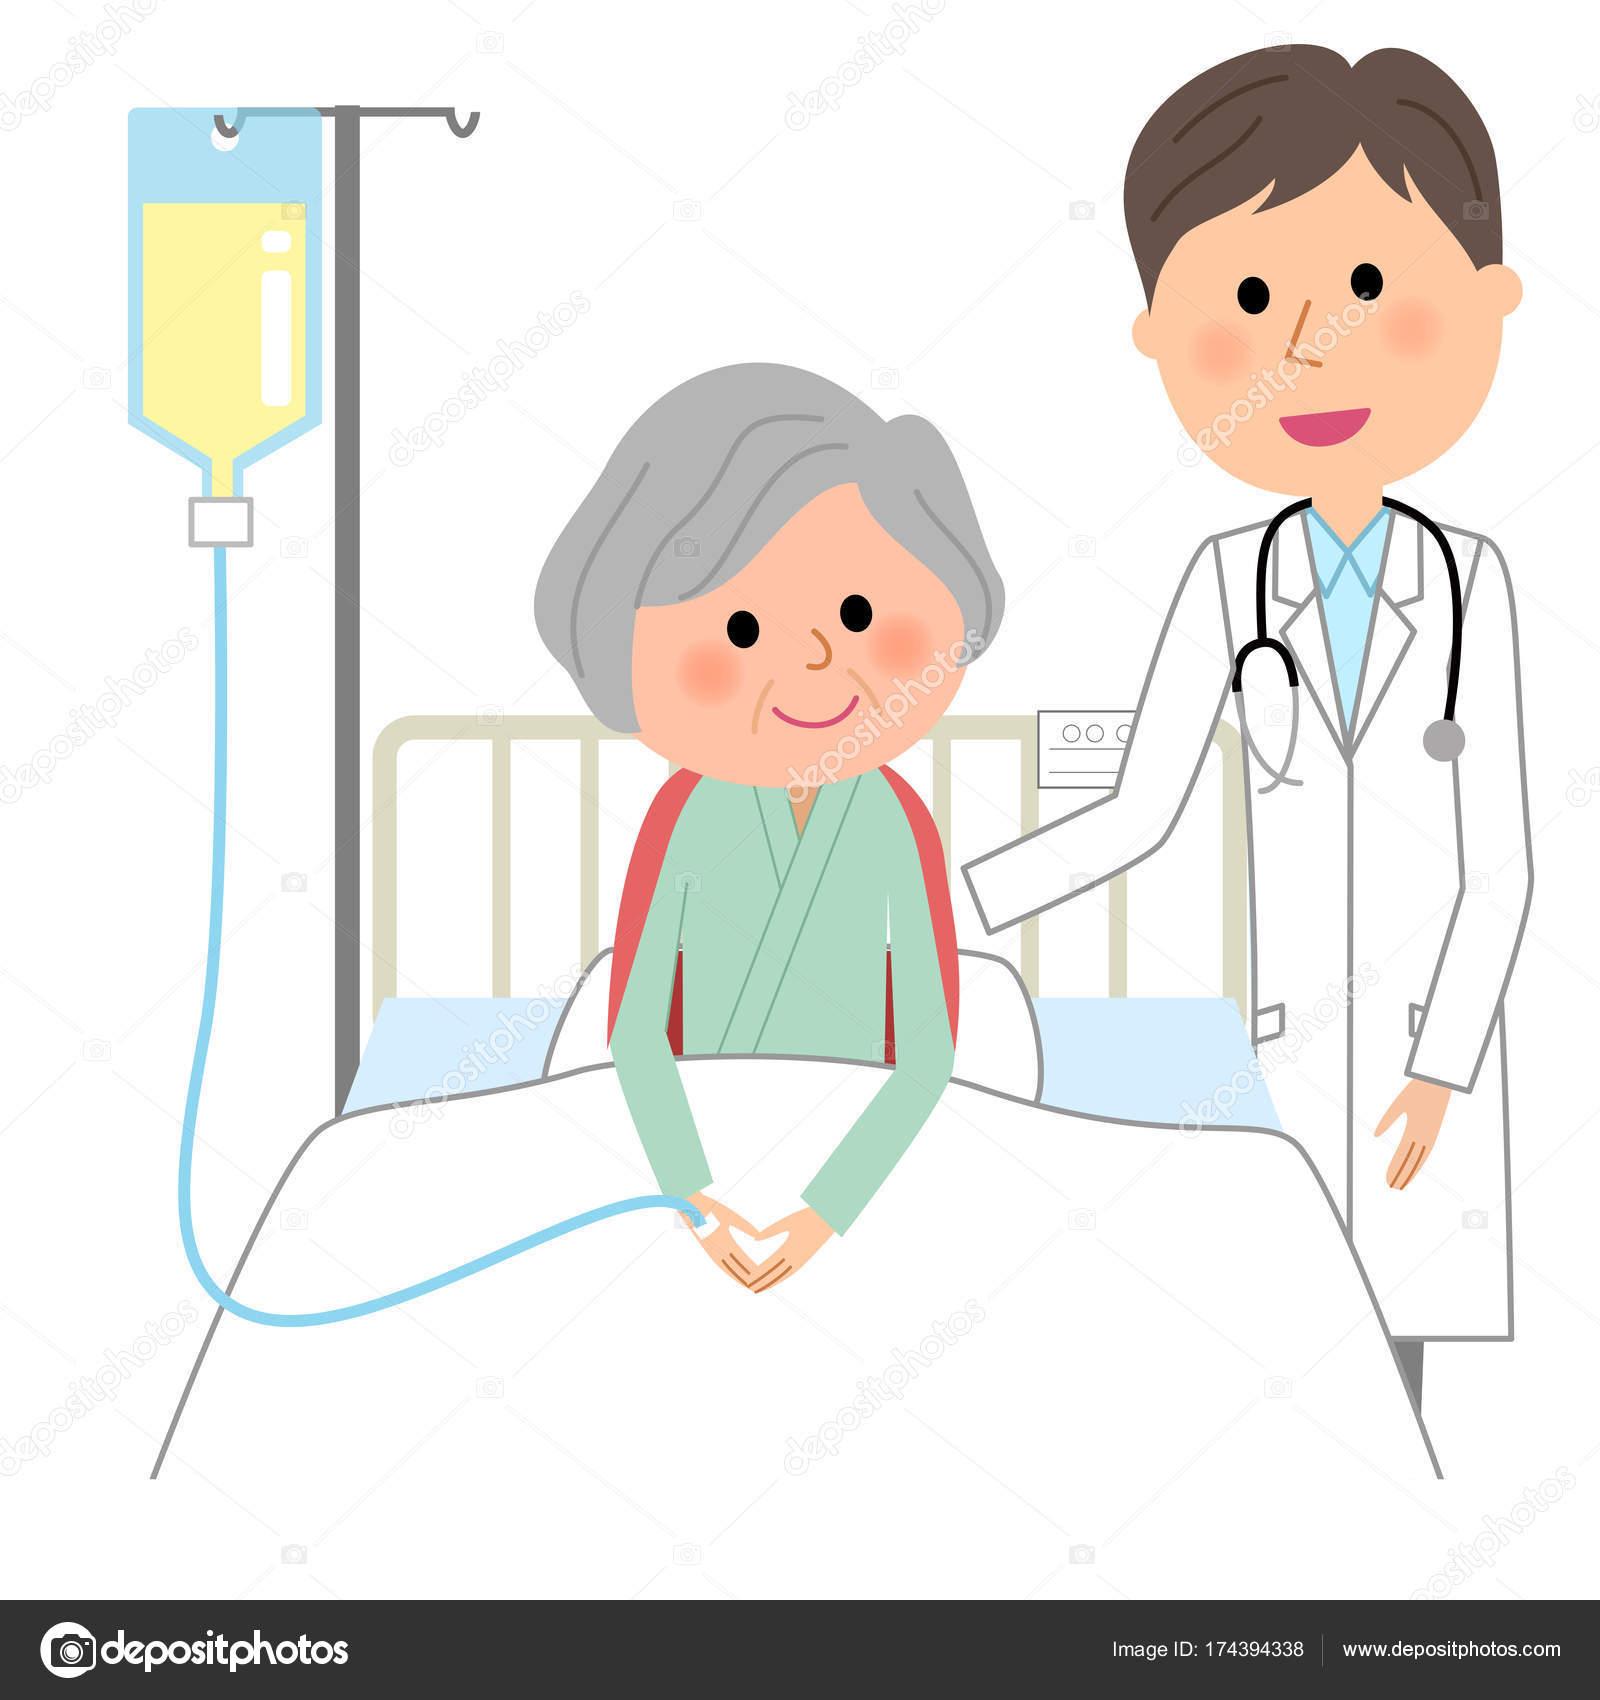 白人の男性コート 入院患者 白衣男性および入院患者のイラストです